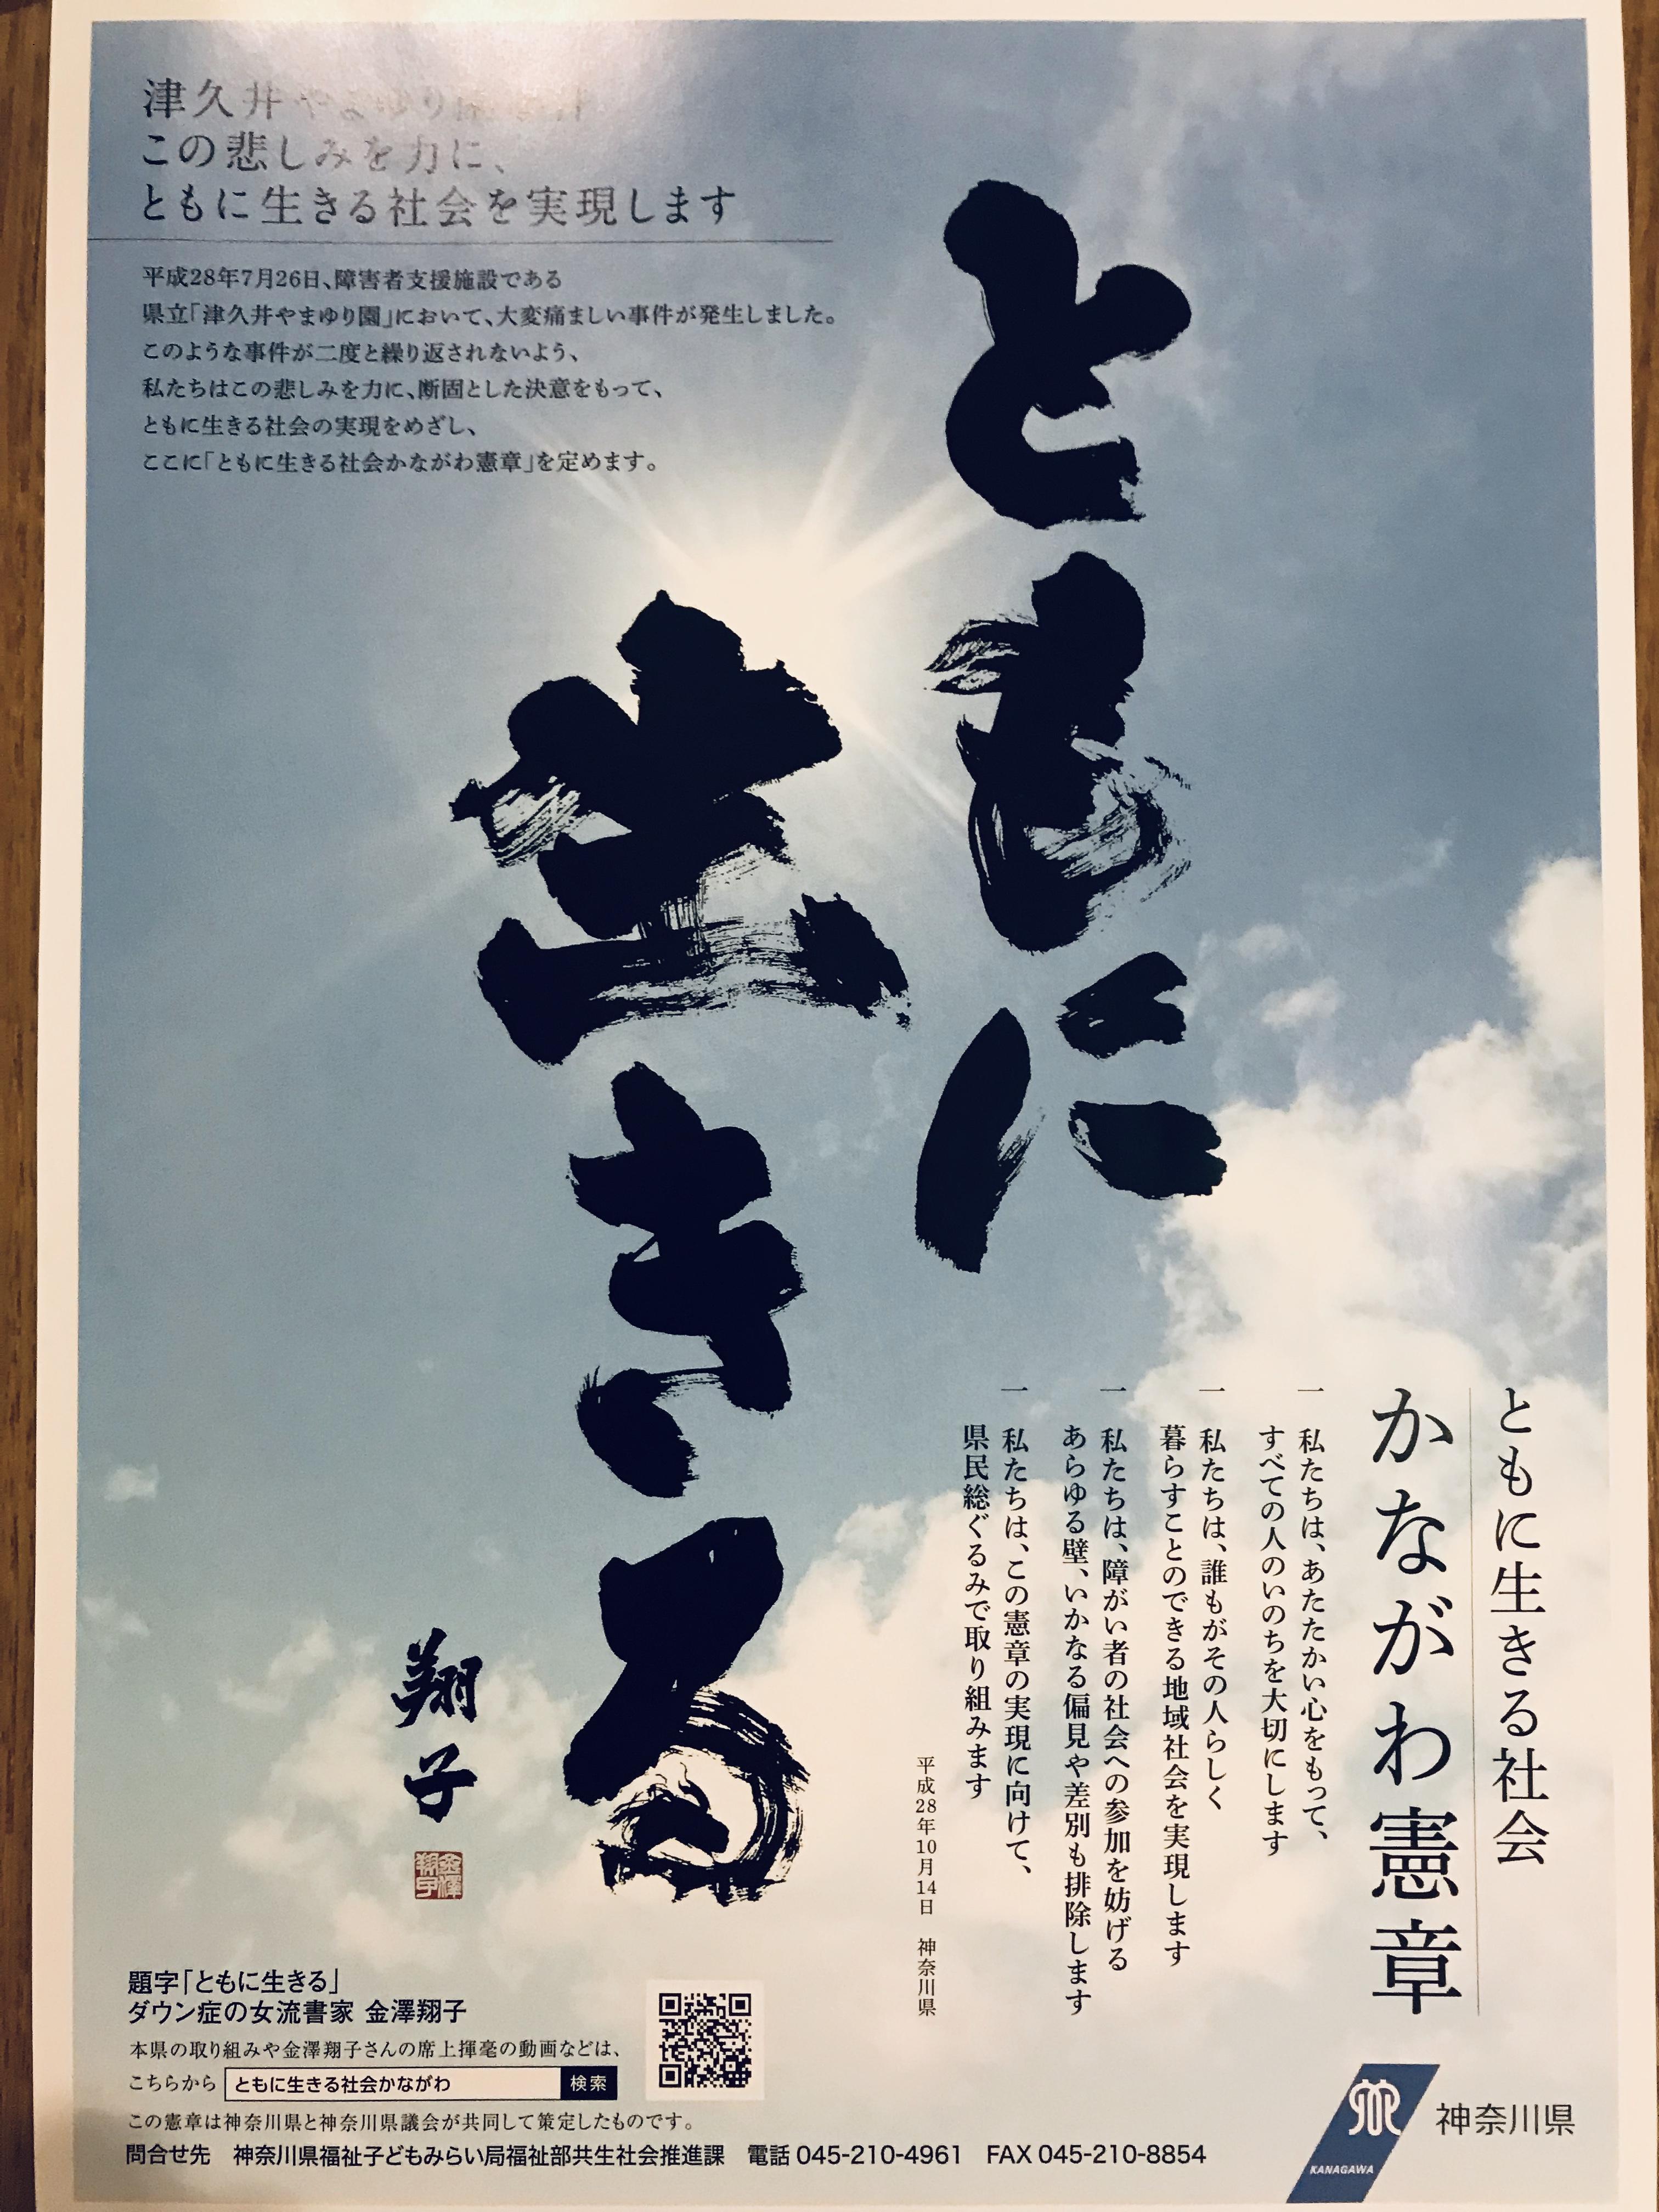 神奈川県公立高校インクルーシブ教育の現状:インクルーシブ教育フォーラムに参加して